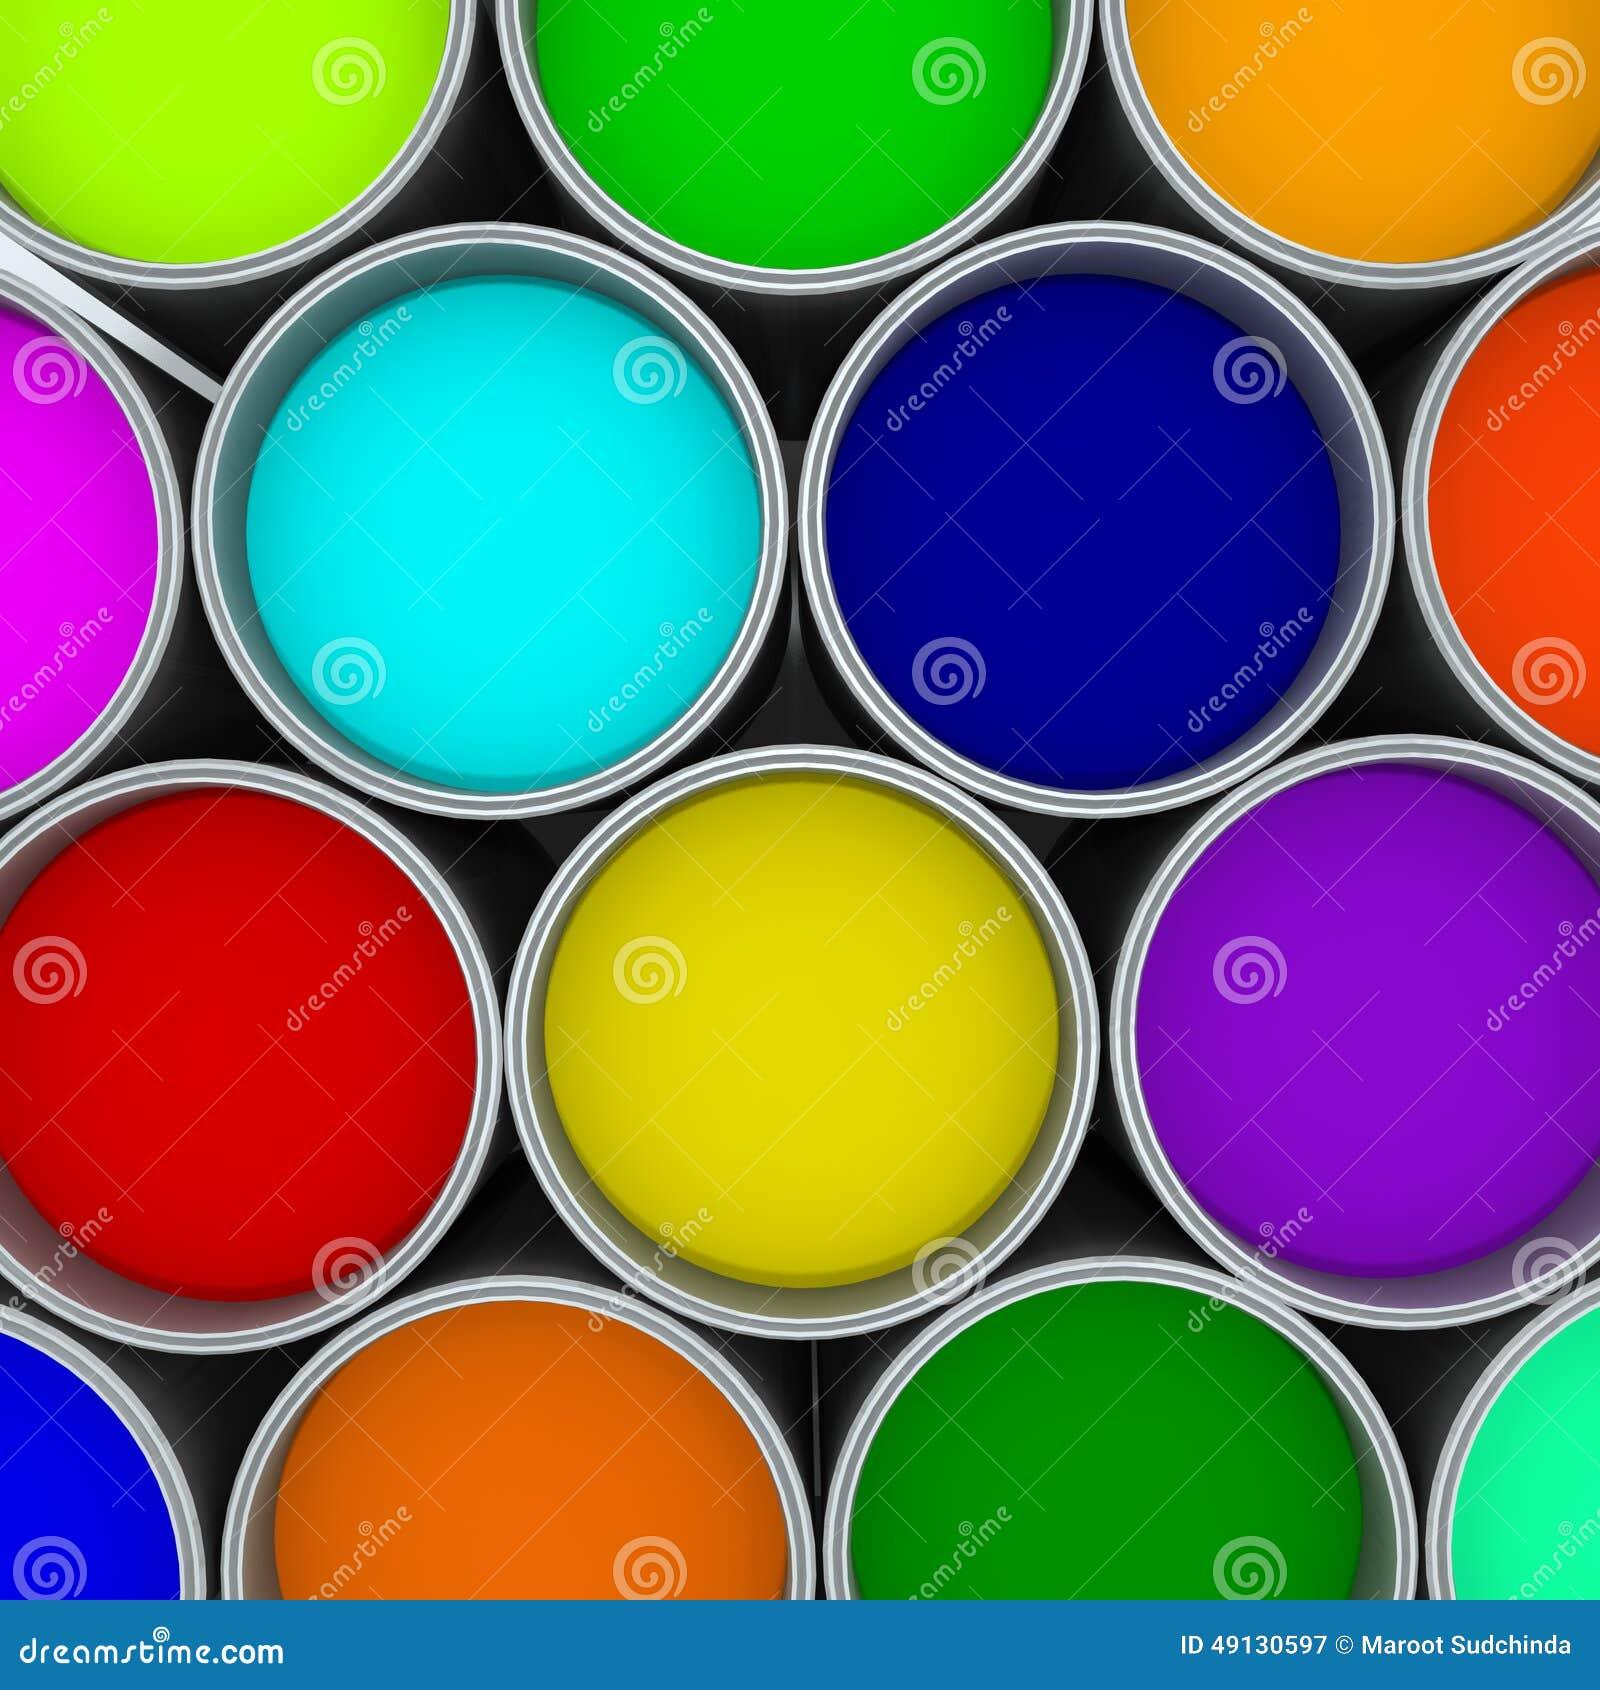 Pinte la paleta de colores de las latas,